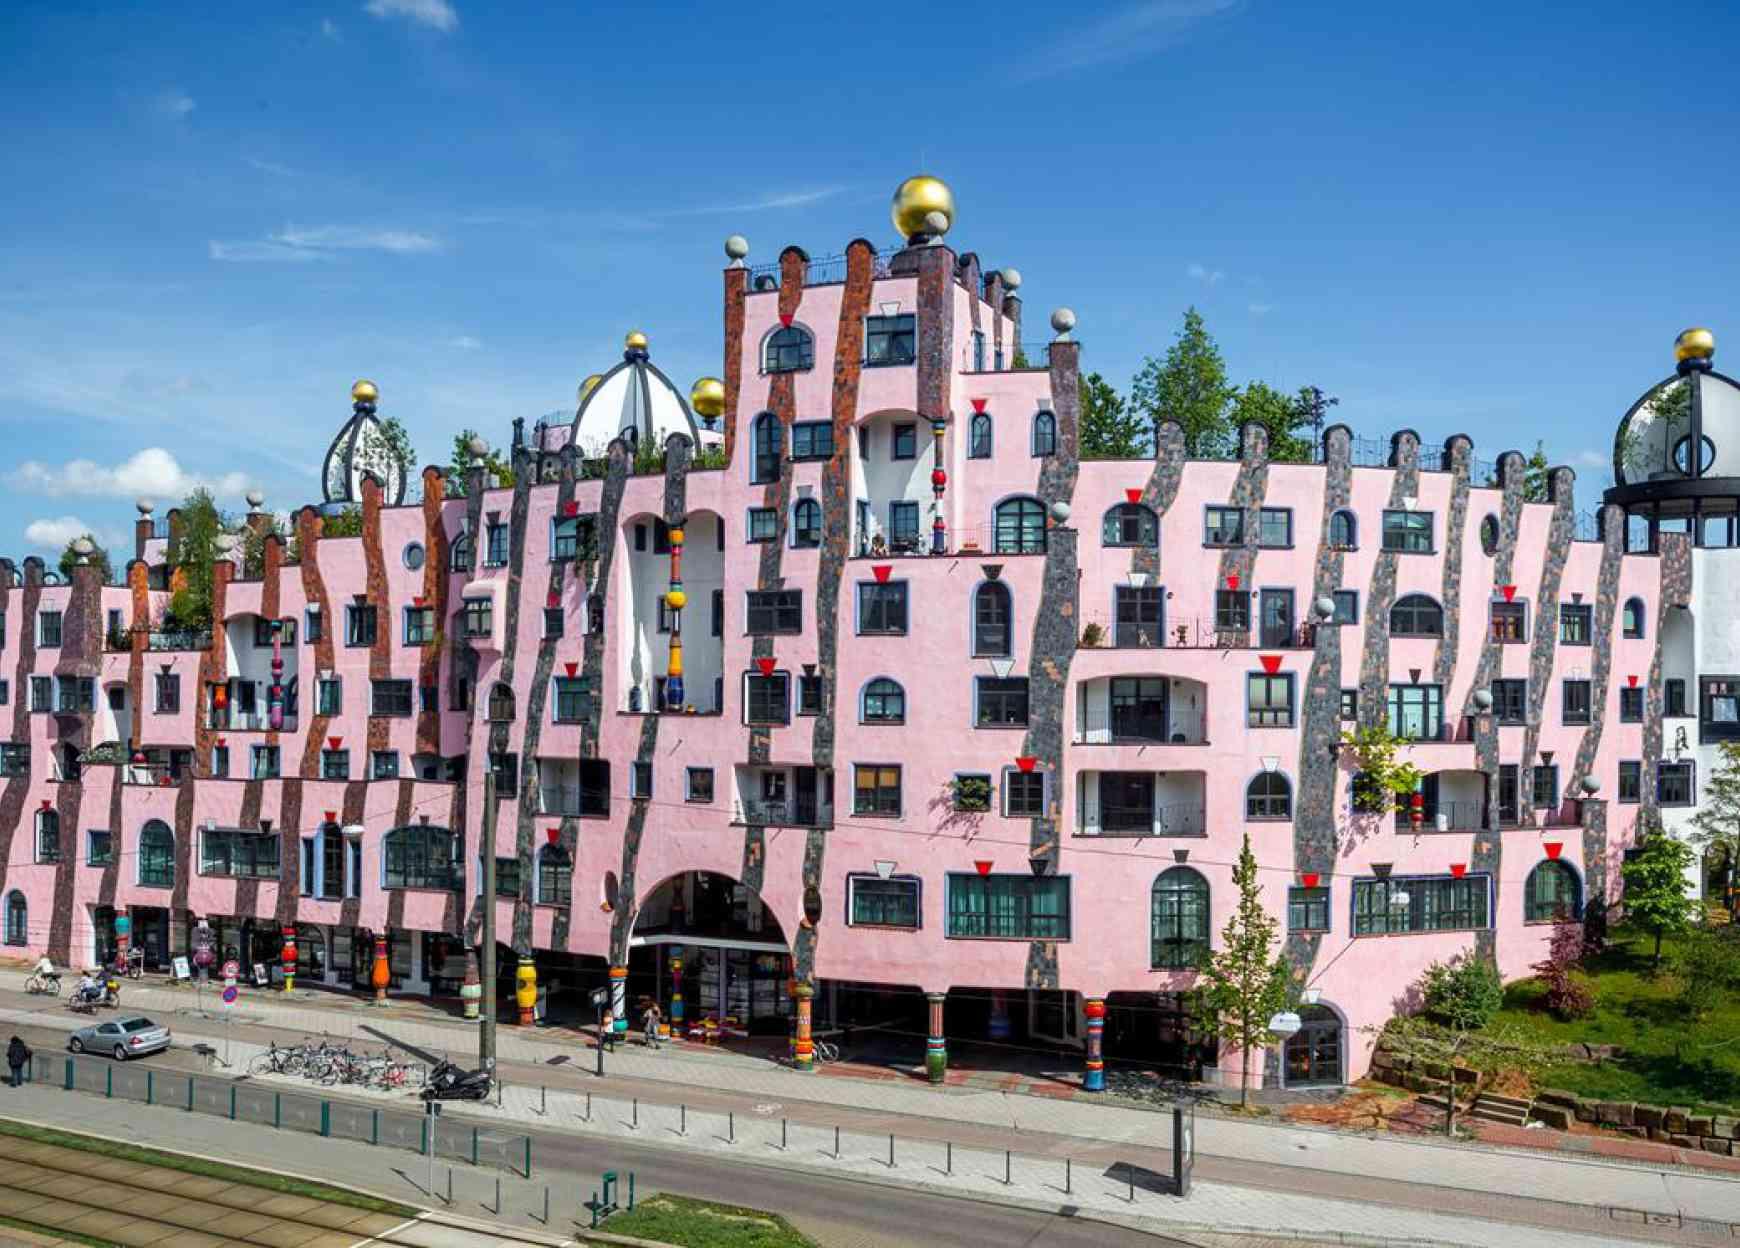 Hundert-wasserhaus Magdeburg